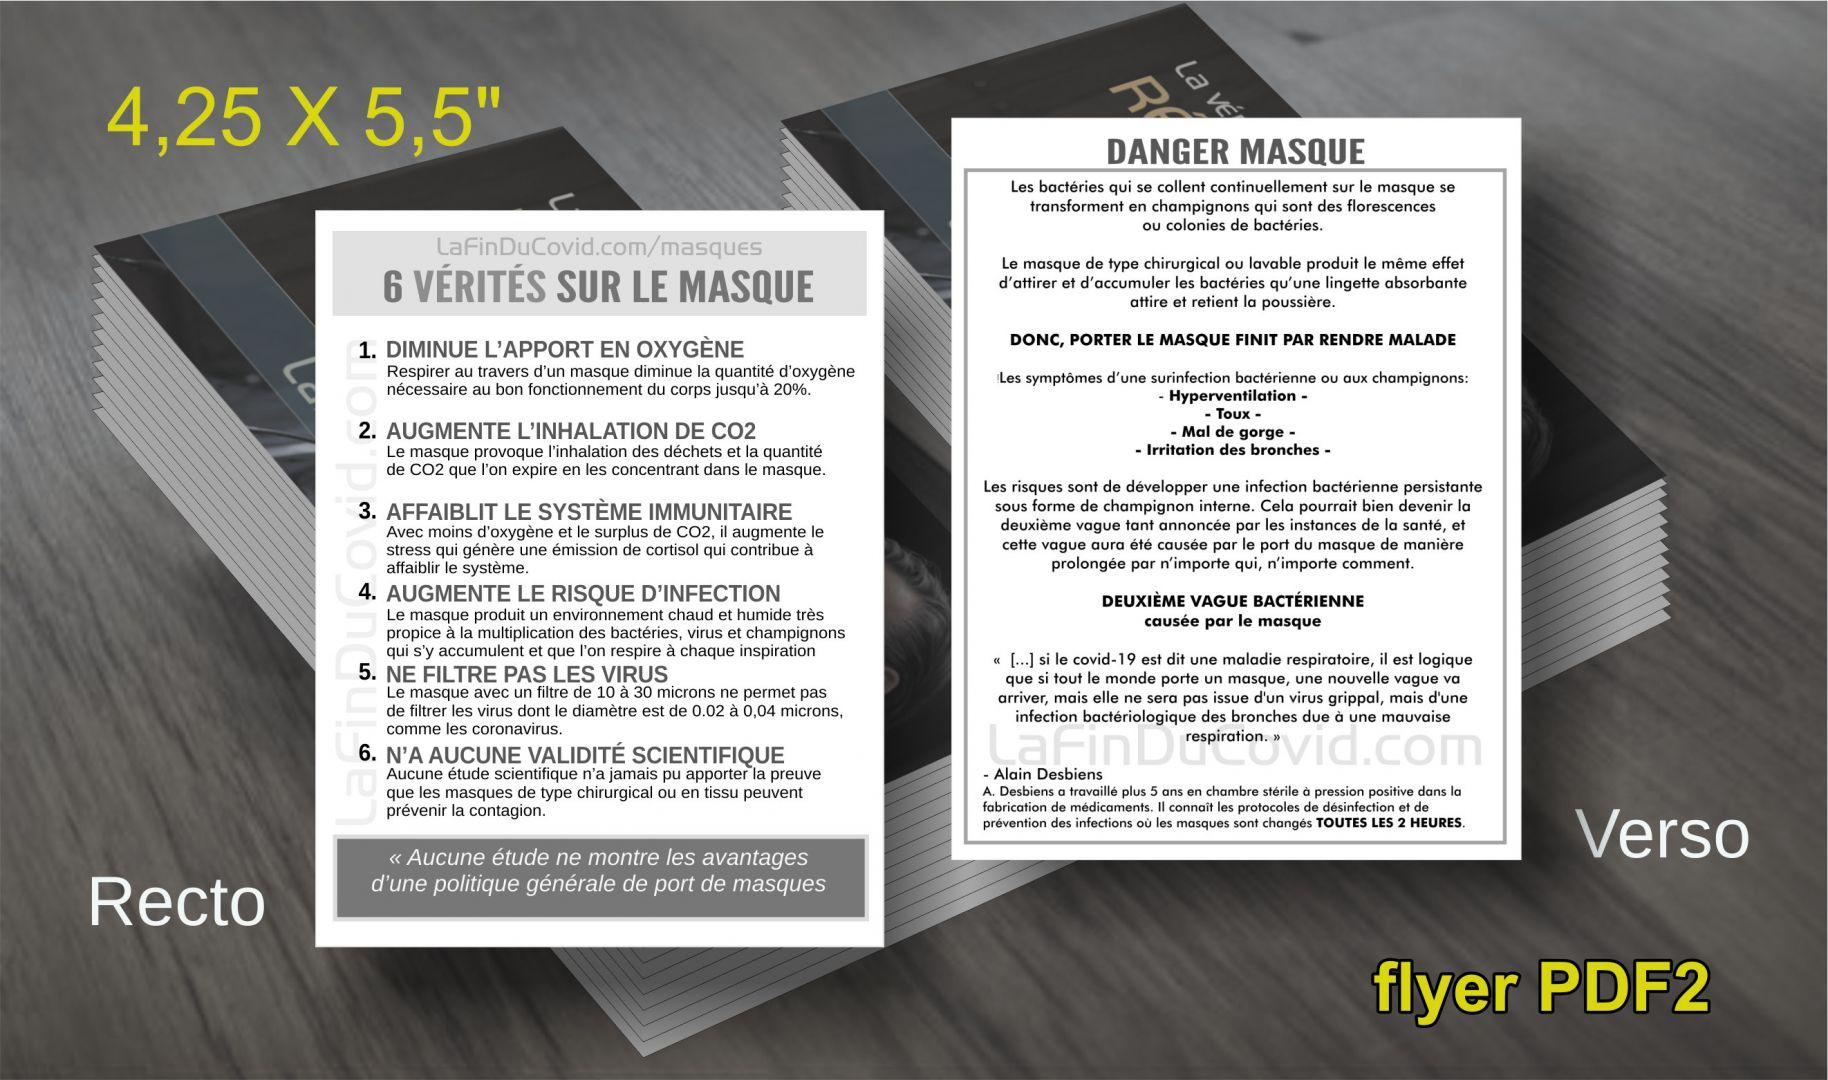 Flyer  (à imprimer) 6 vérités sur le masque - PDF